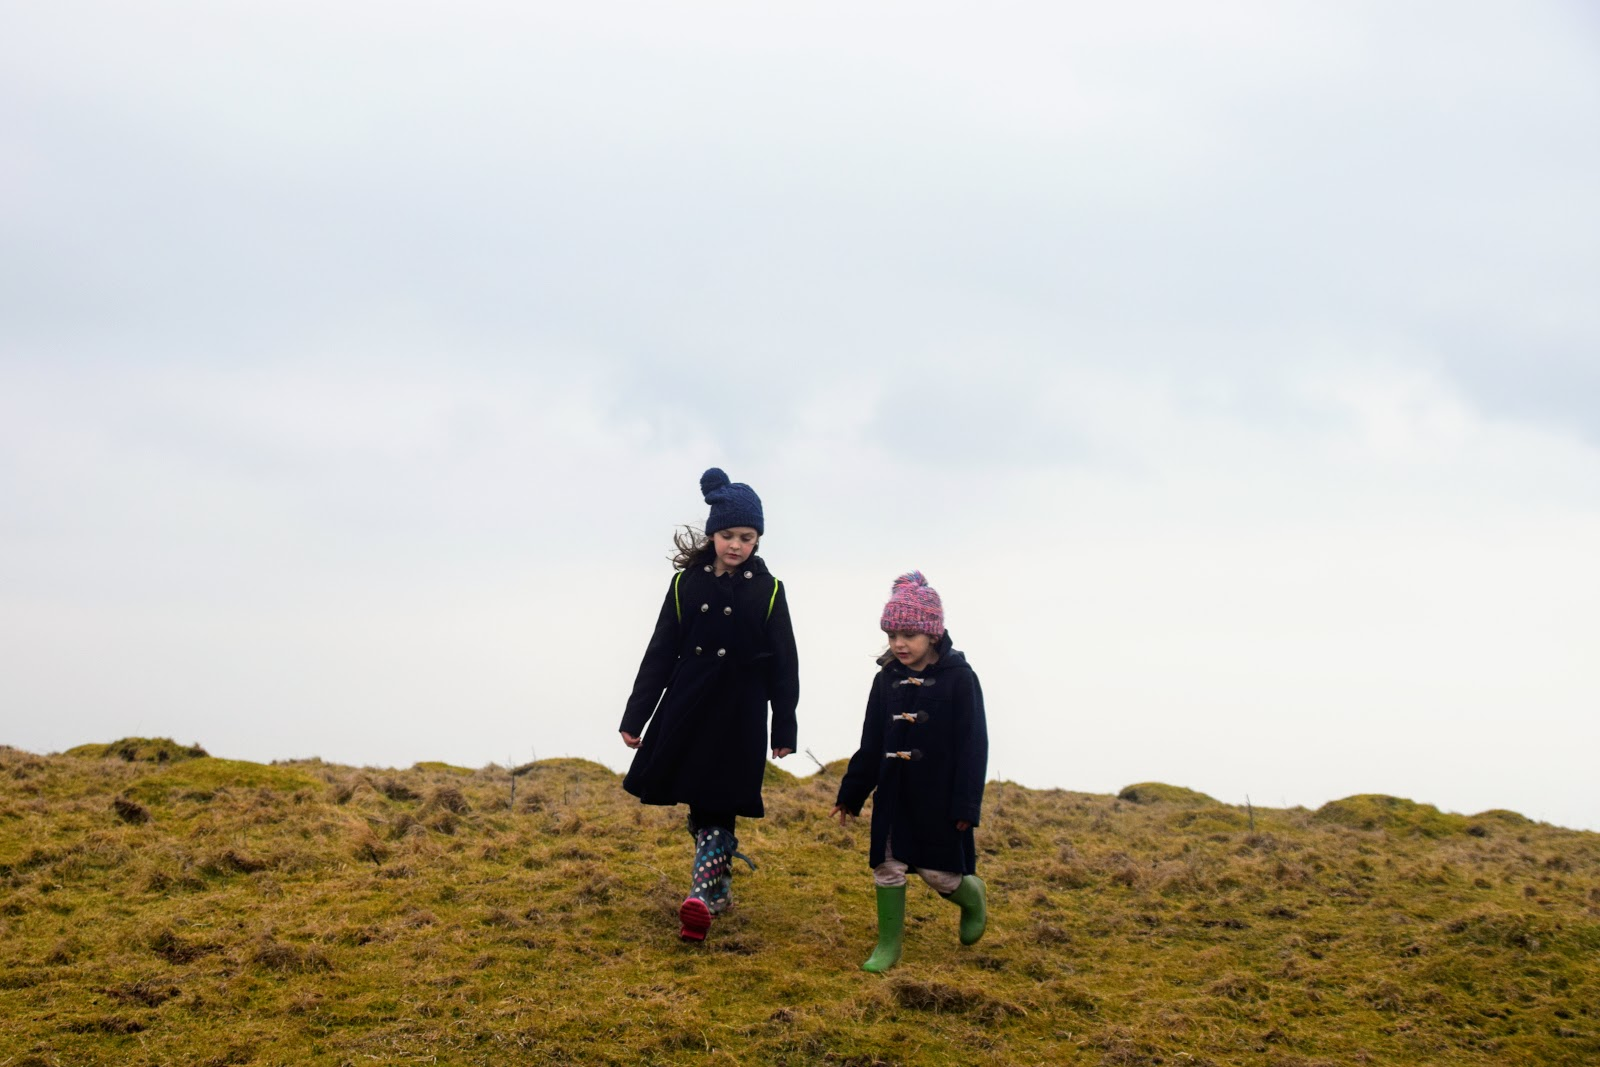 , Visiting The Little Chap, St Govan's Head, Pembrokeshire